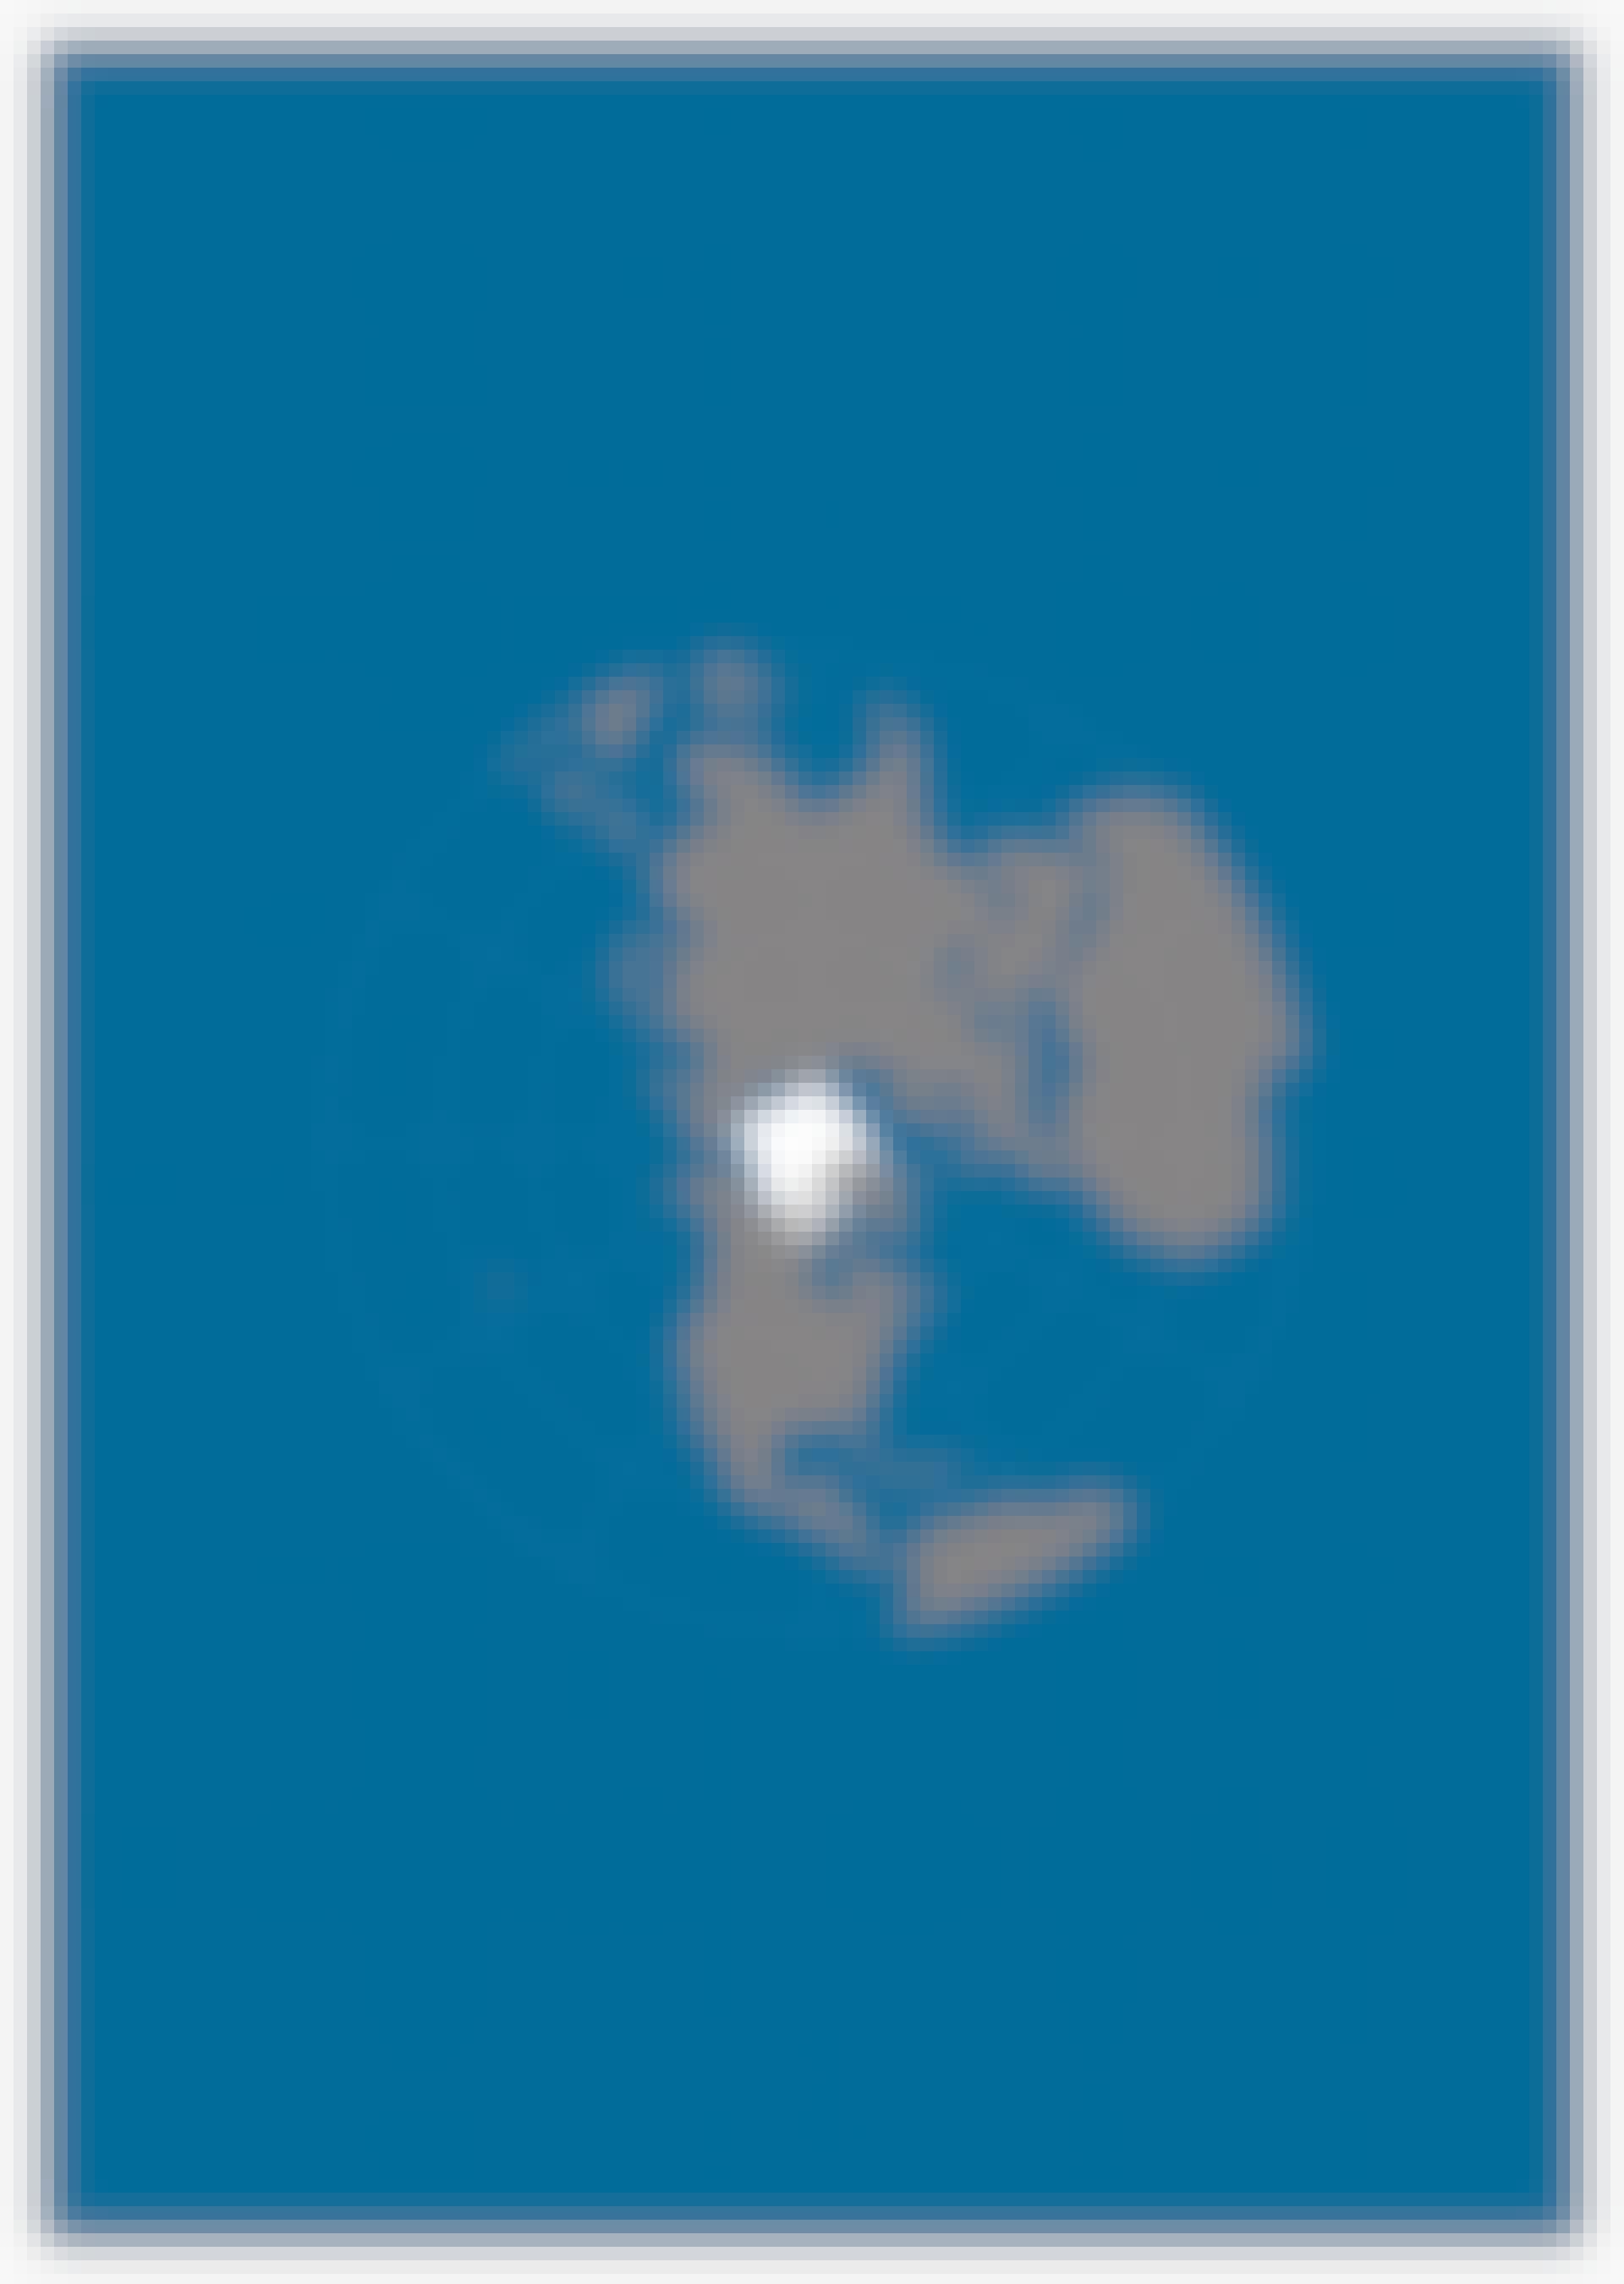 Kort over kloden med Arktis i centrum